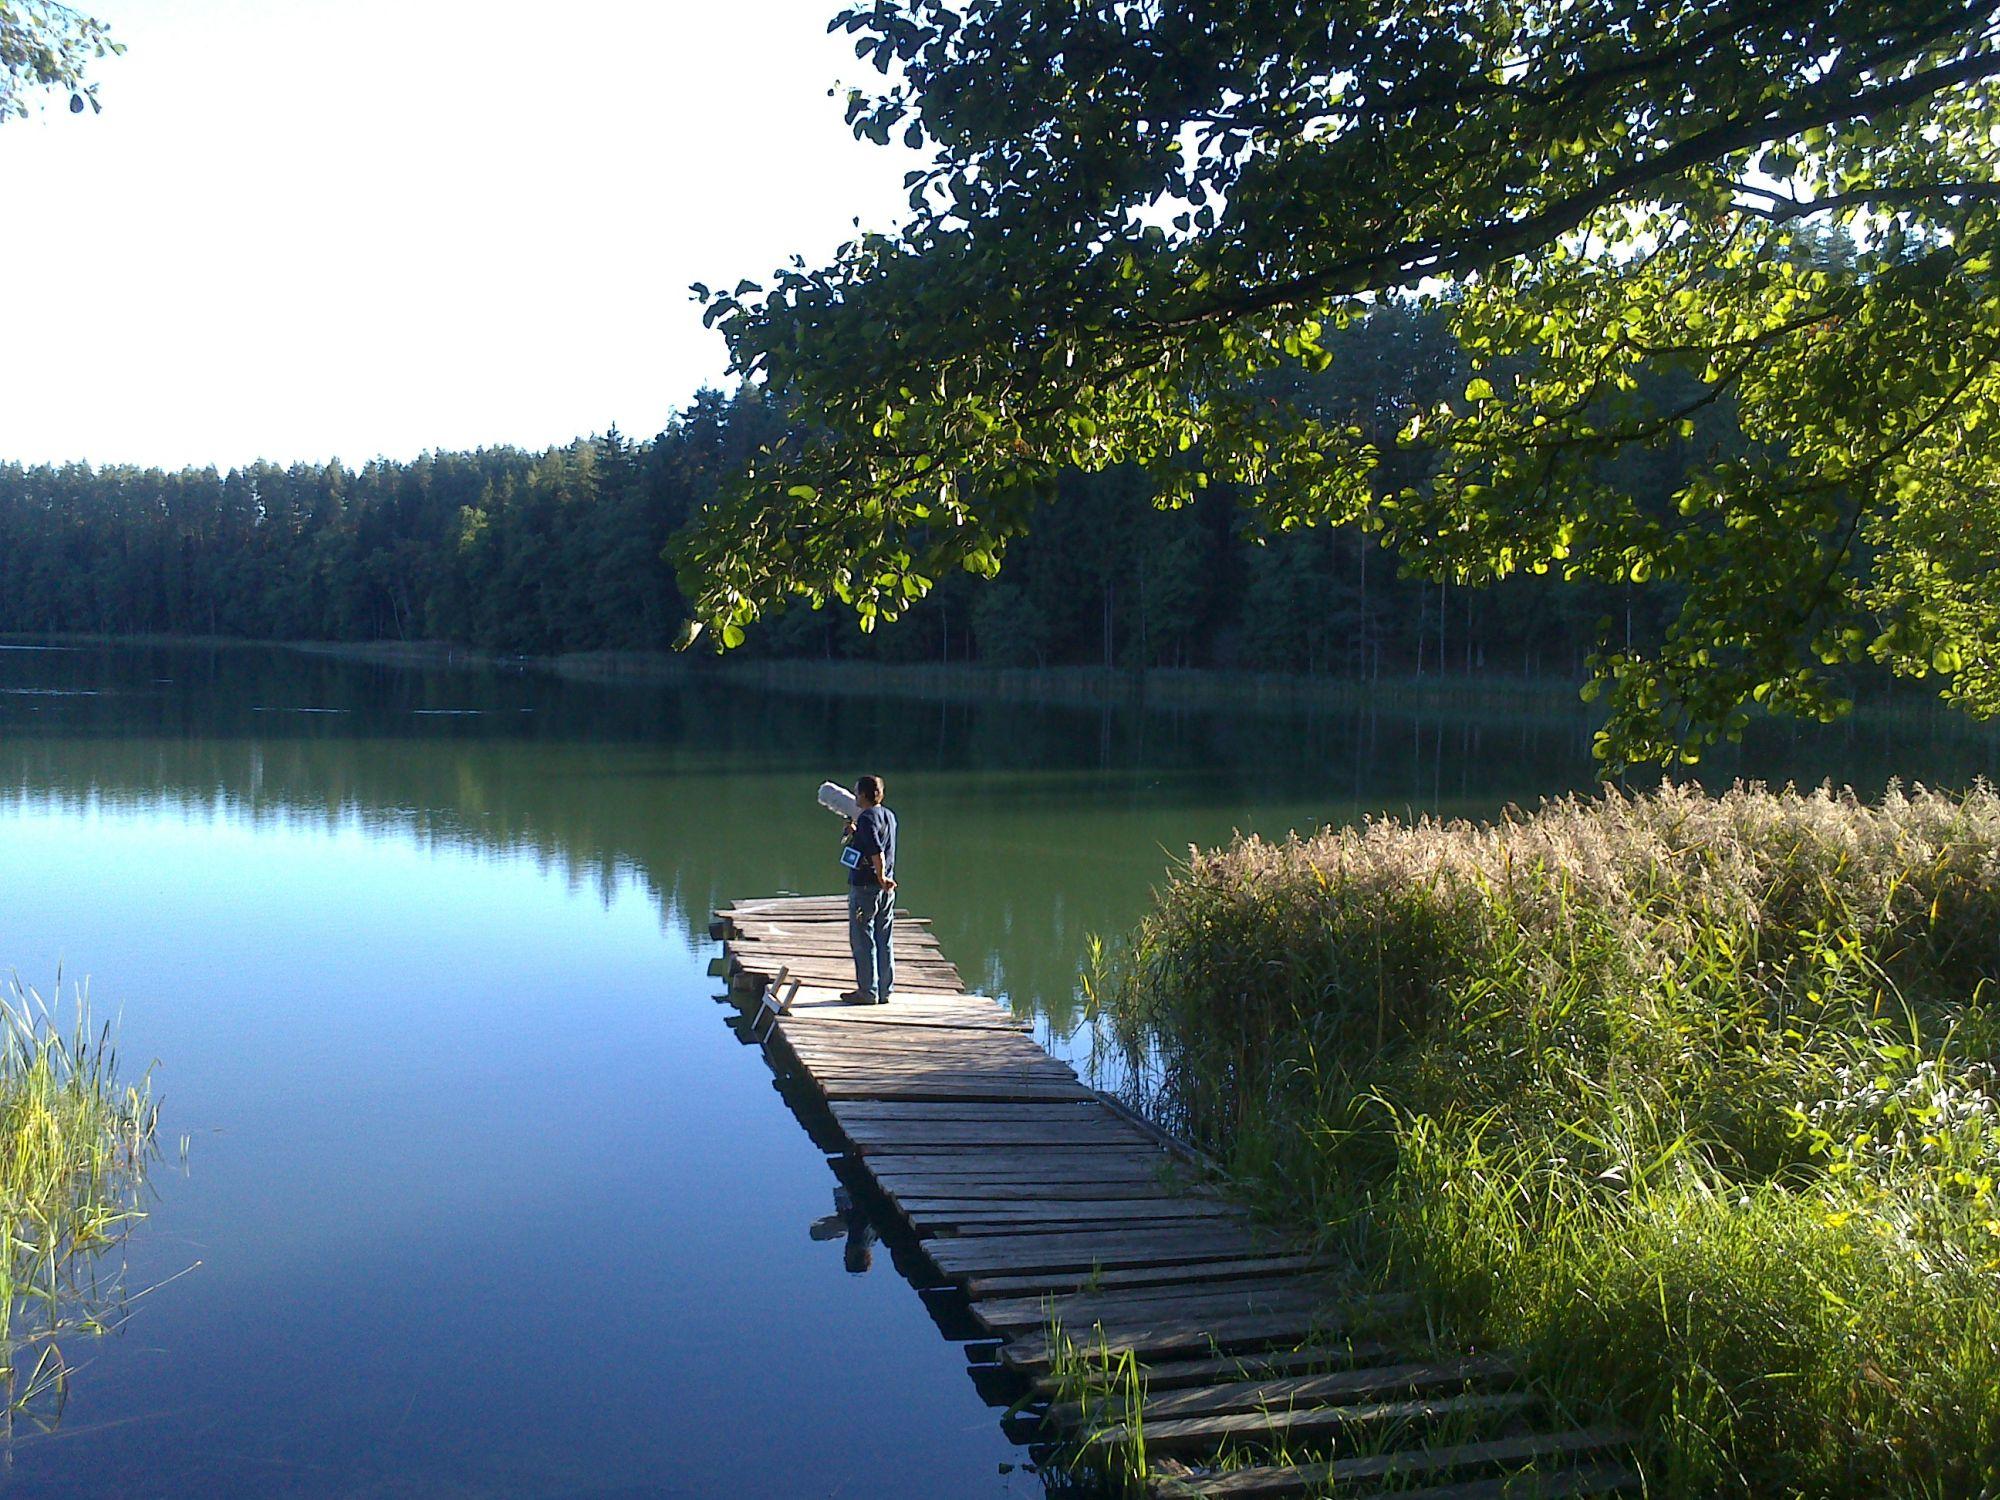 """""""Ogrody"""", Krzysztof Topolski, dokumentacja projektu """"Nagrania terenowe"""", Jezioro Jałowo, wieś Kurianki, 2013, fot. dzięki uprzejmości artysty (źródło: materiały prasowe)"""